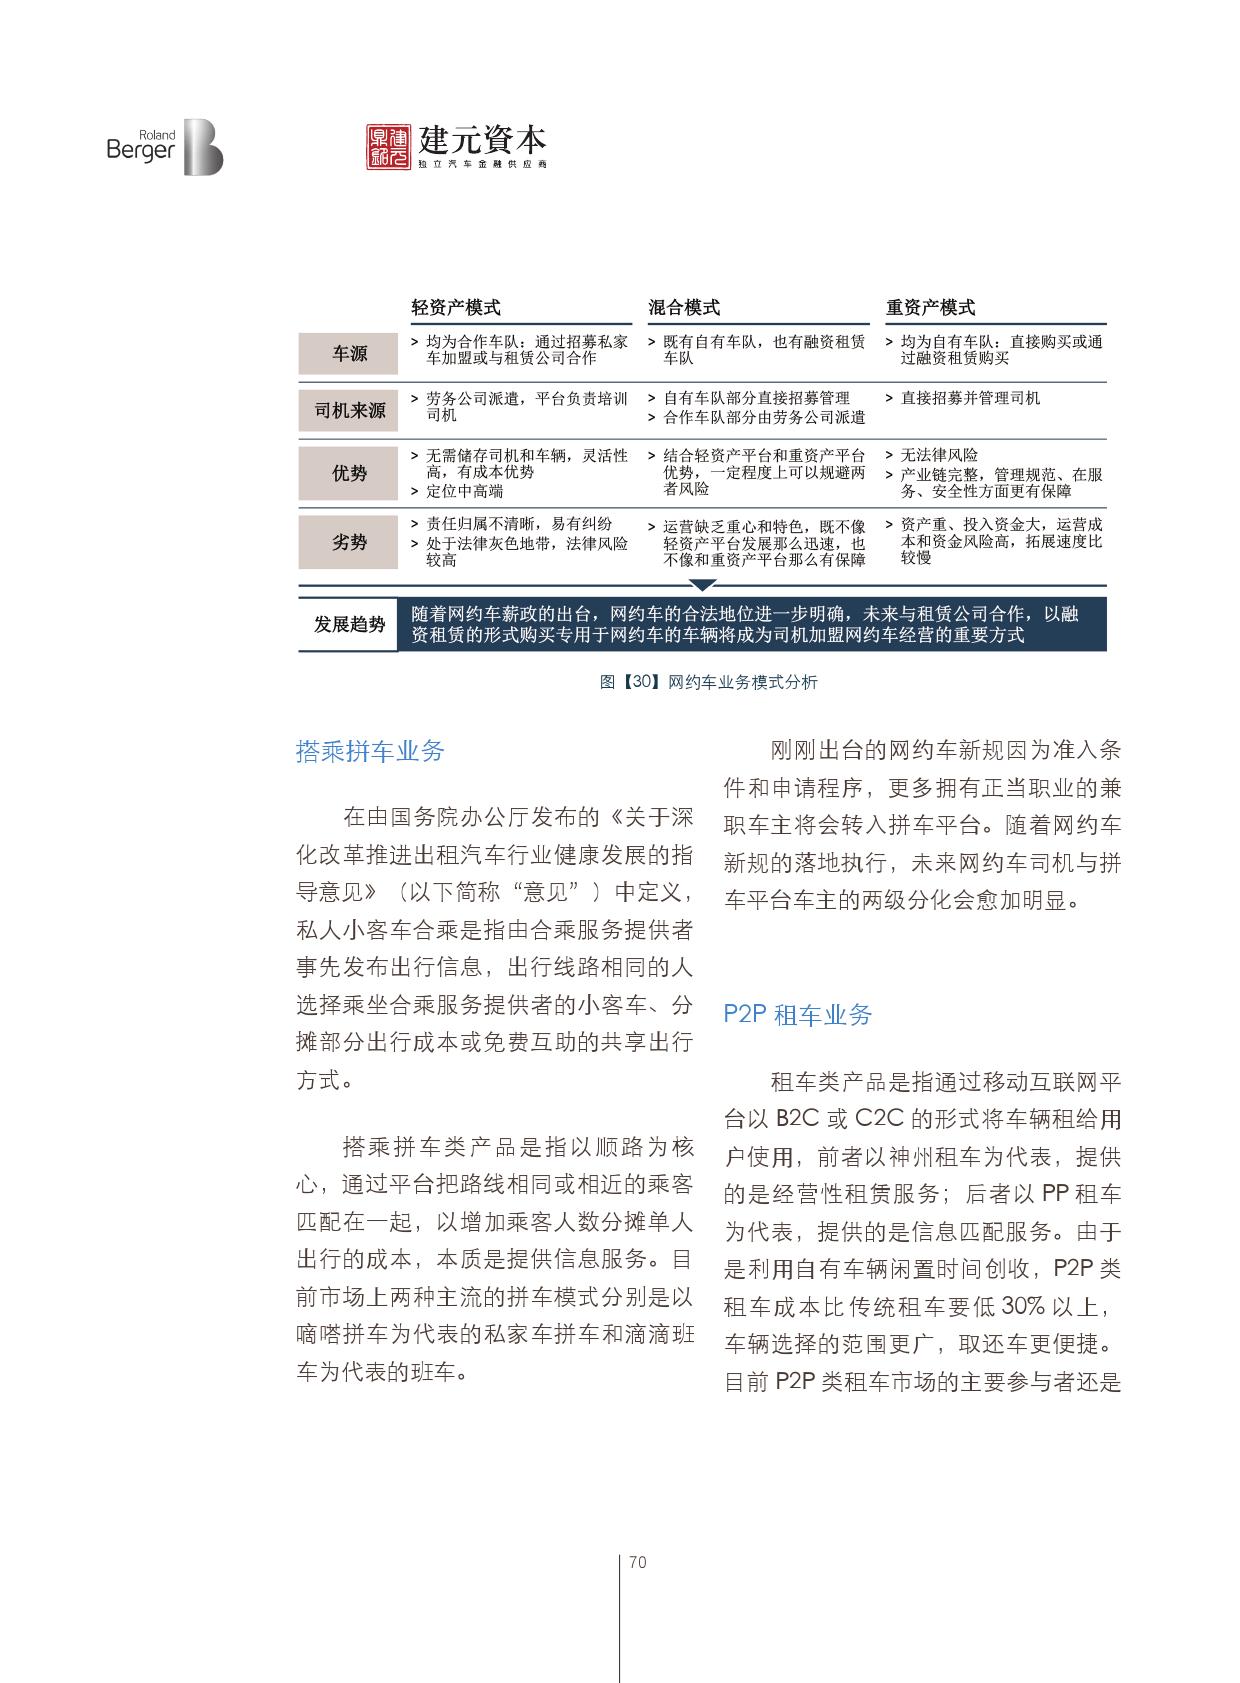 2016中国汽车金融报告_000071